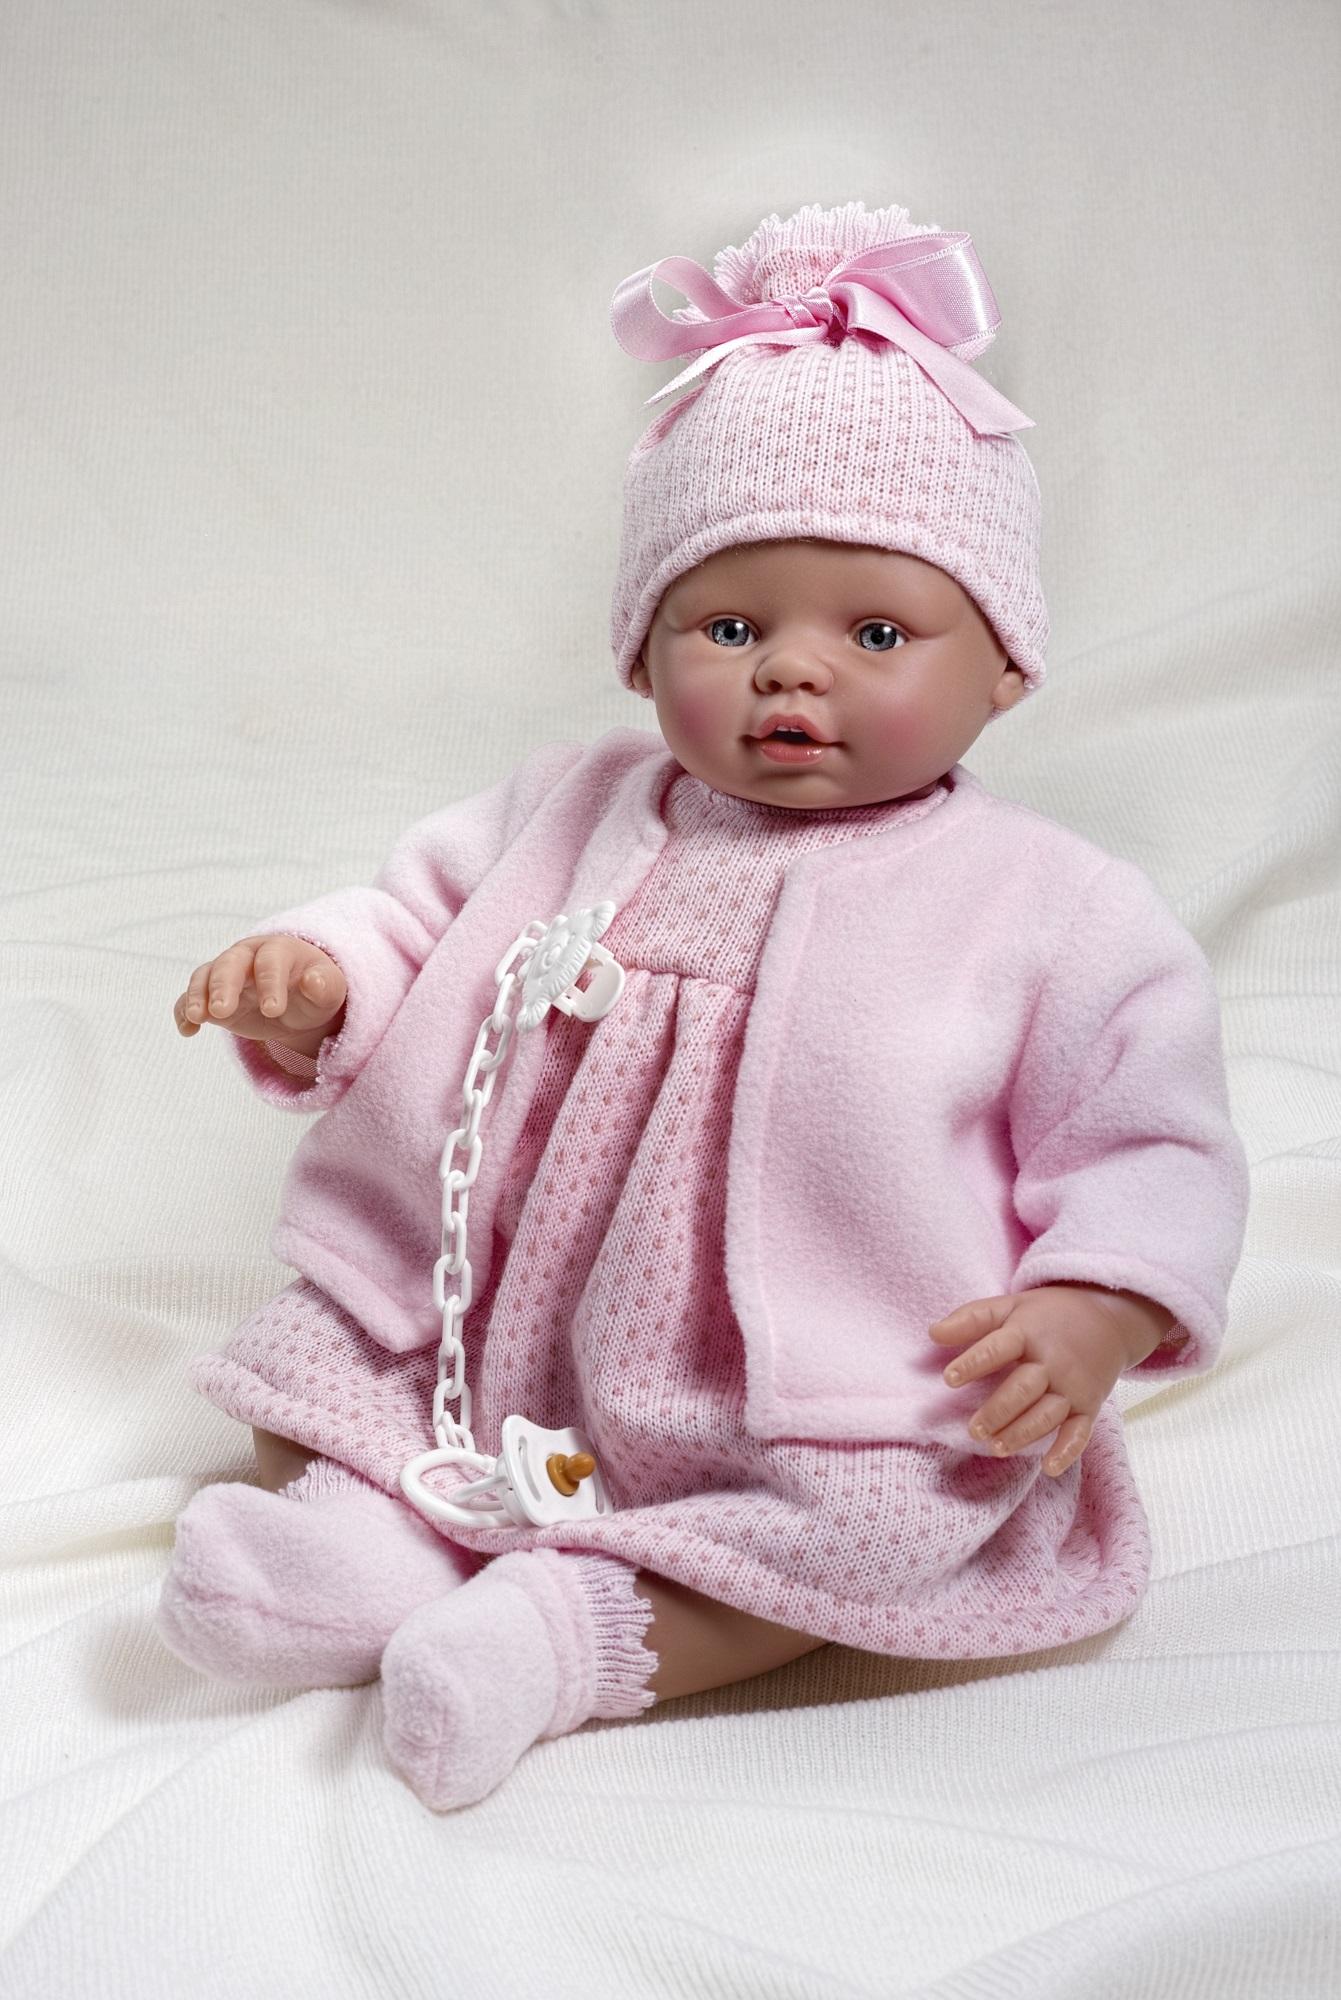 Кукла Неус, озвученная, 45 см.Куклы ASI (Испания)<br>Кукла Неус, озвученная, 45 см.<br>